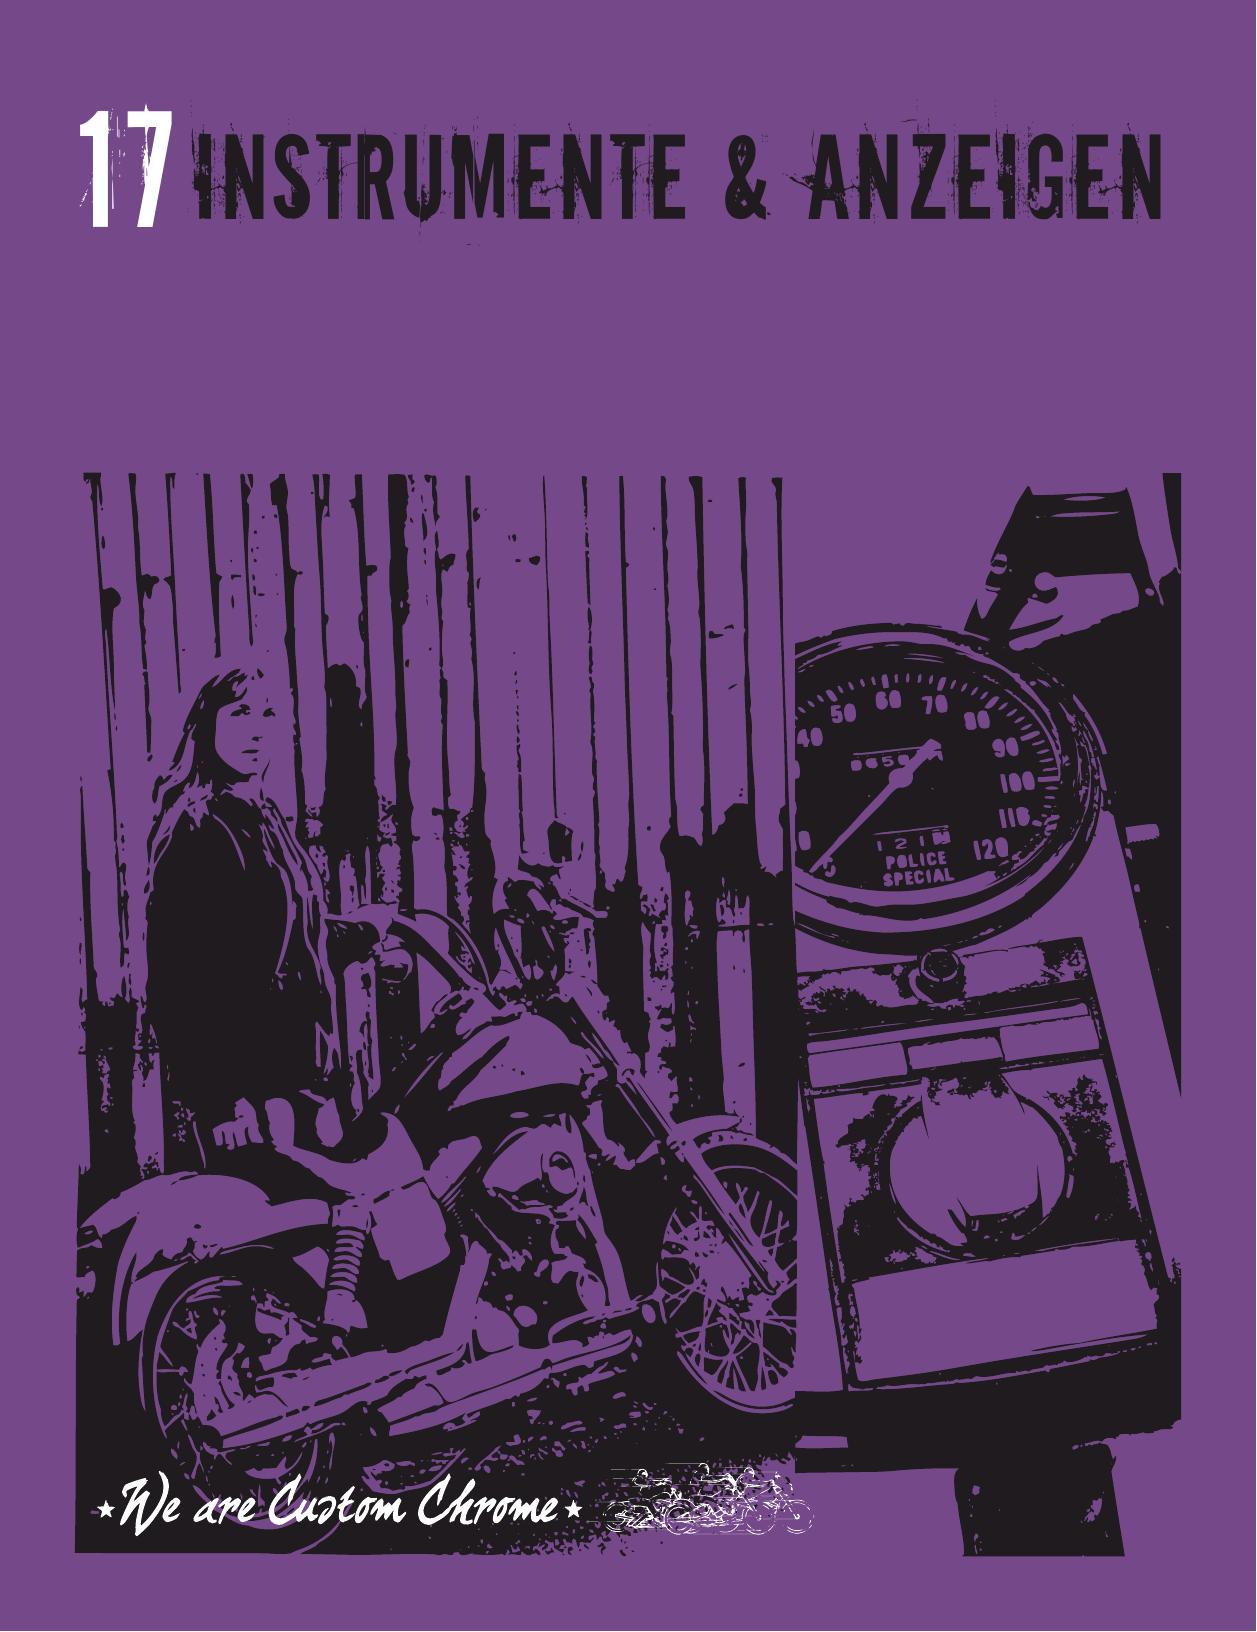 17Instrumente & Anzeigen | manualzz.com on